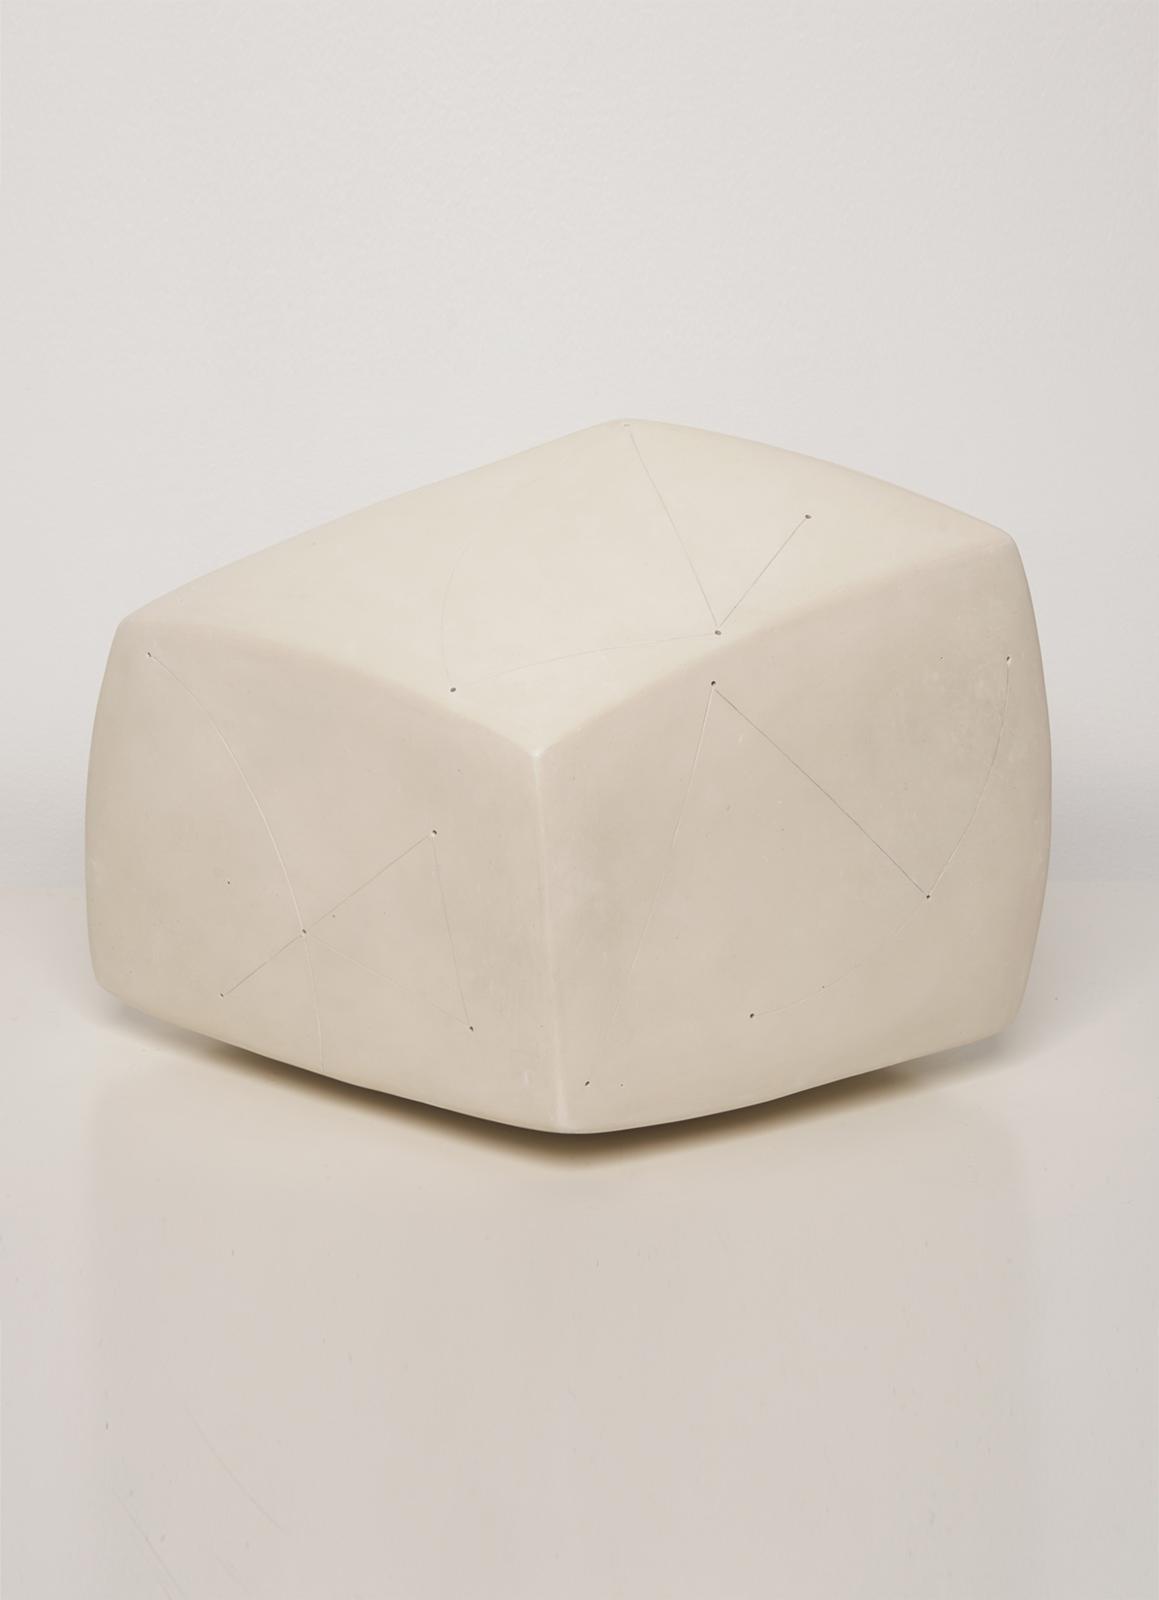 Nadia Pasquer(née en 1940),Cube Blanc Engobe, porcelaine polie, signée, 21x31x31 cm. Photo Louis DÉcamps